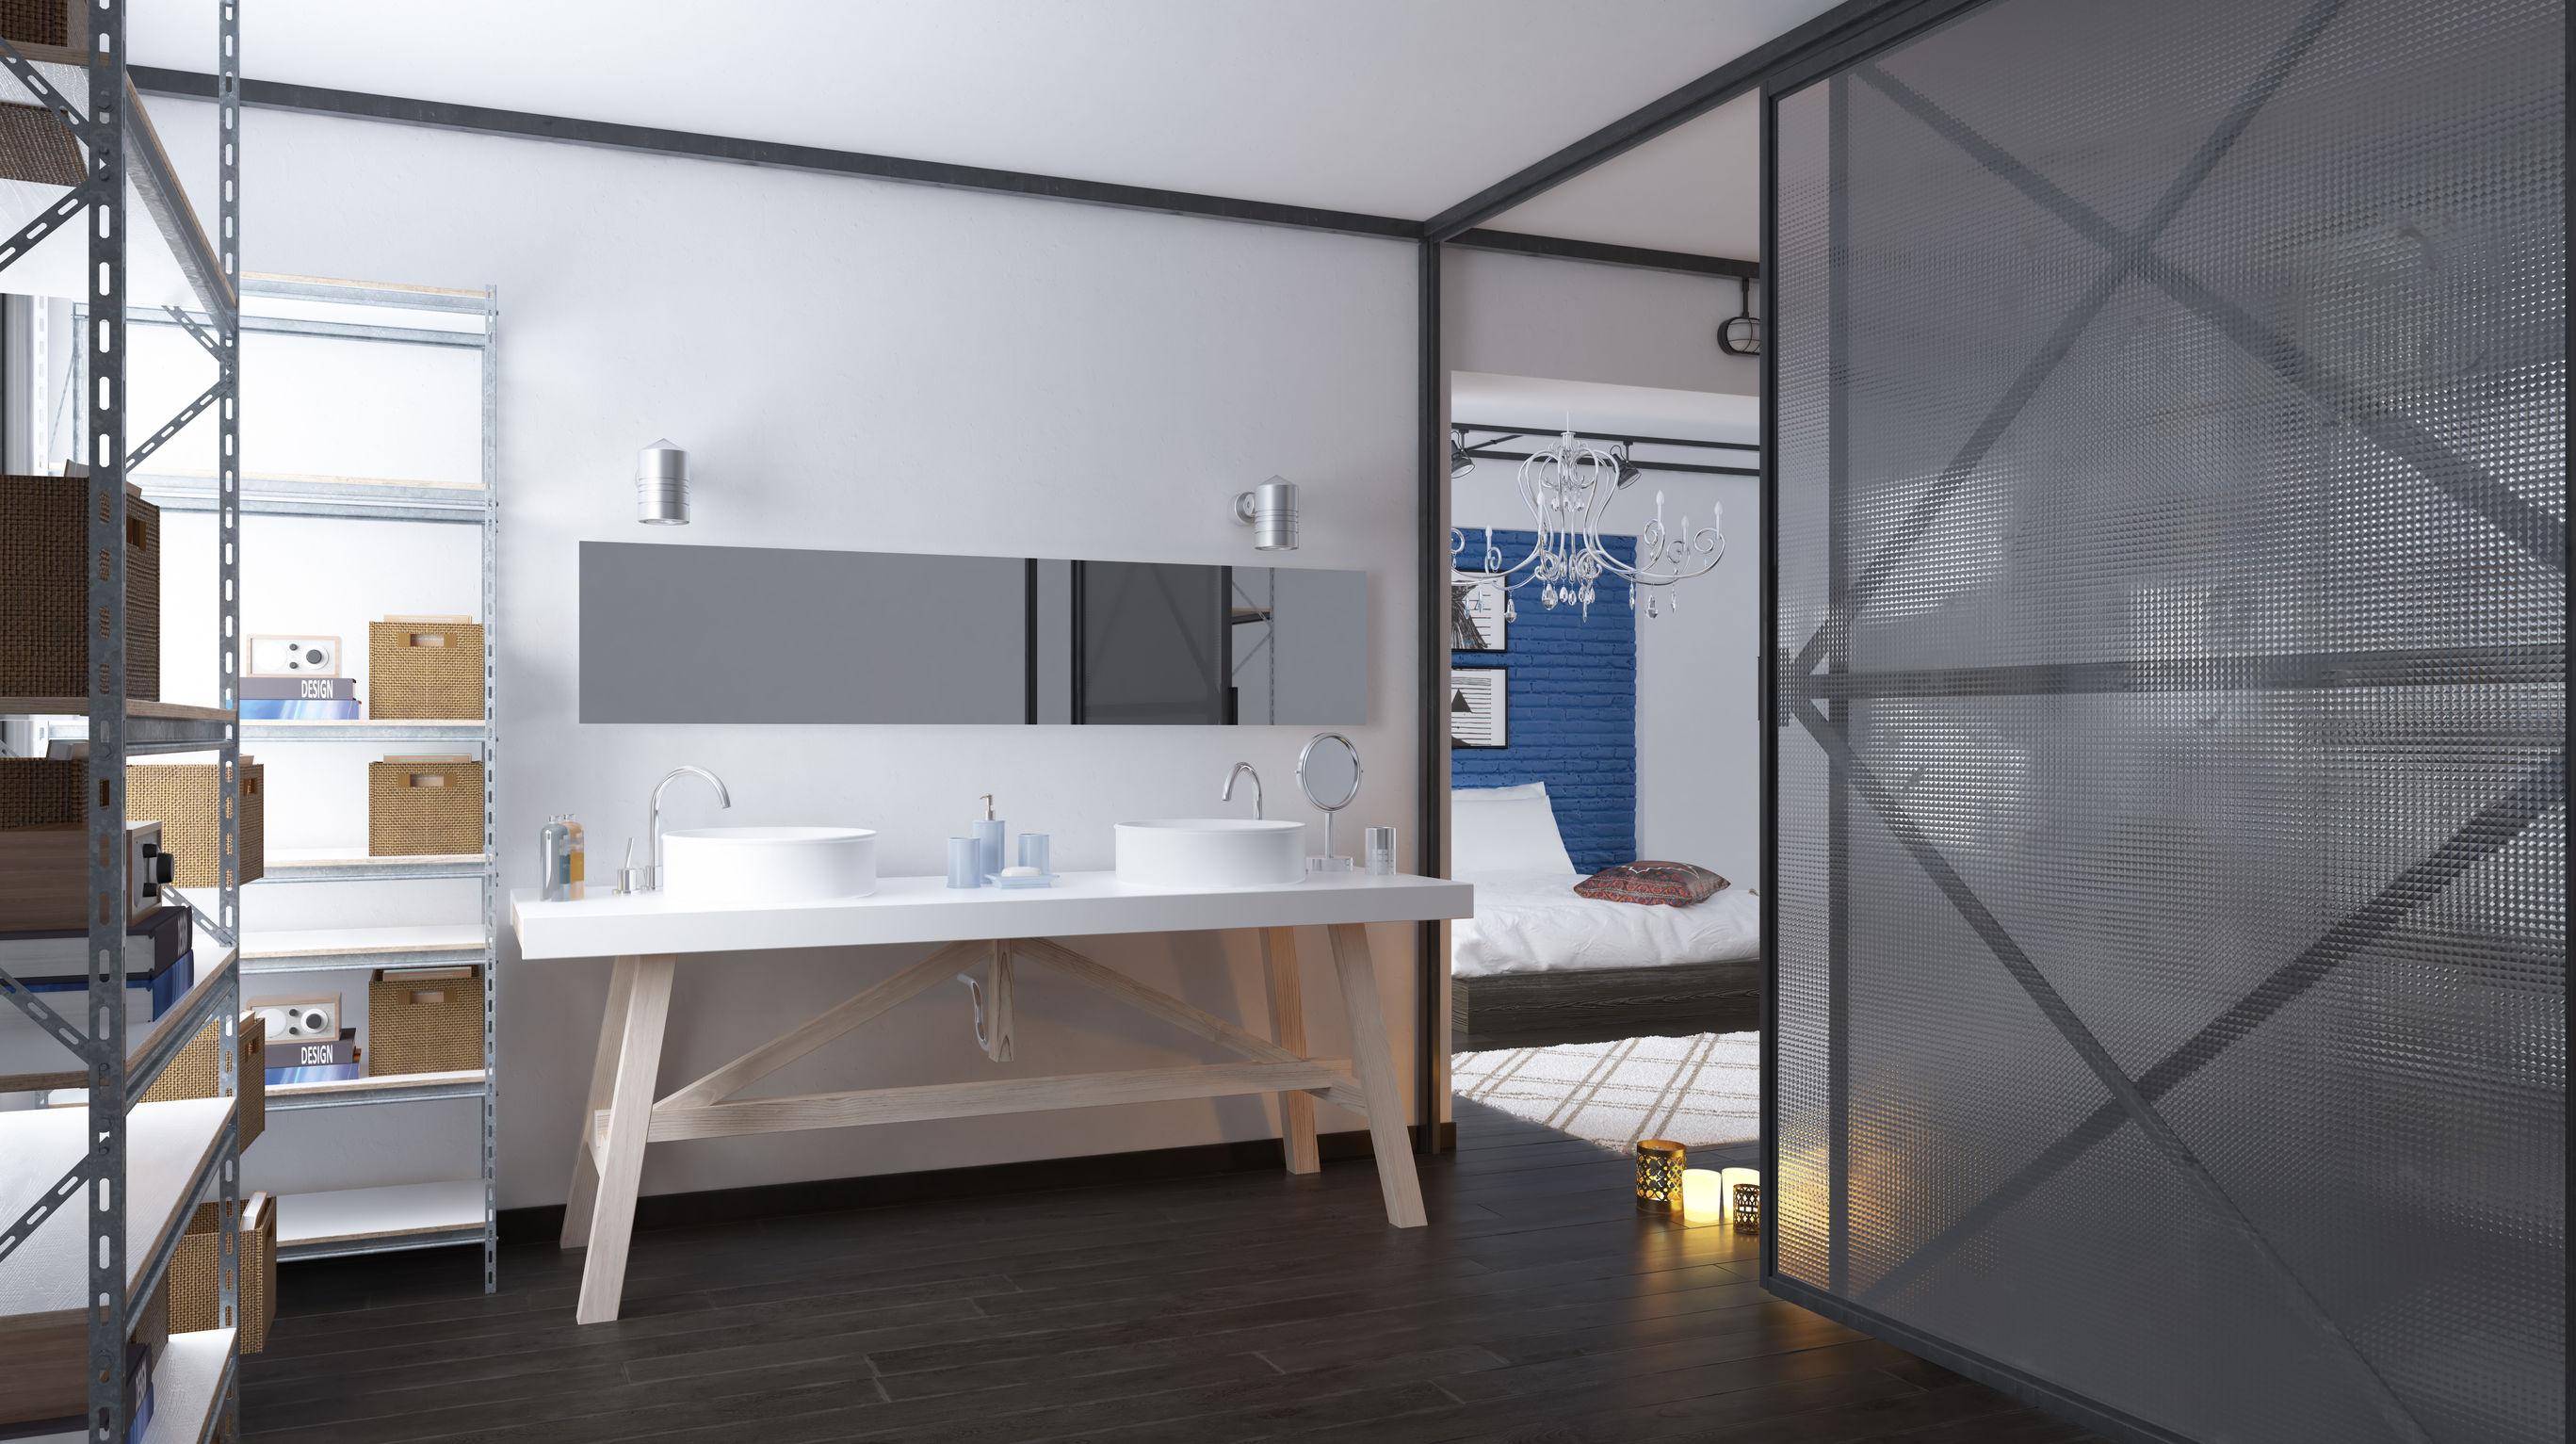 séparation pièce, usage cloison coulissante, rendu 3D d'un intérieur avec une cloison coulissante